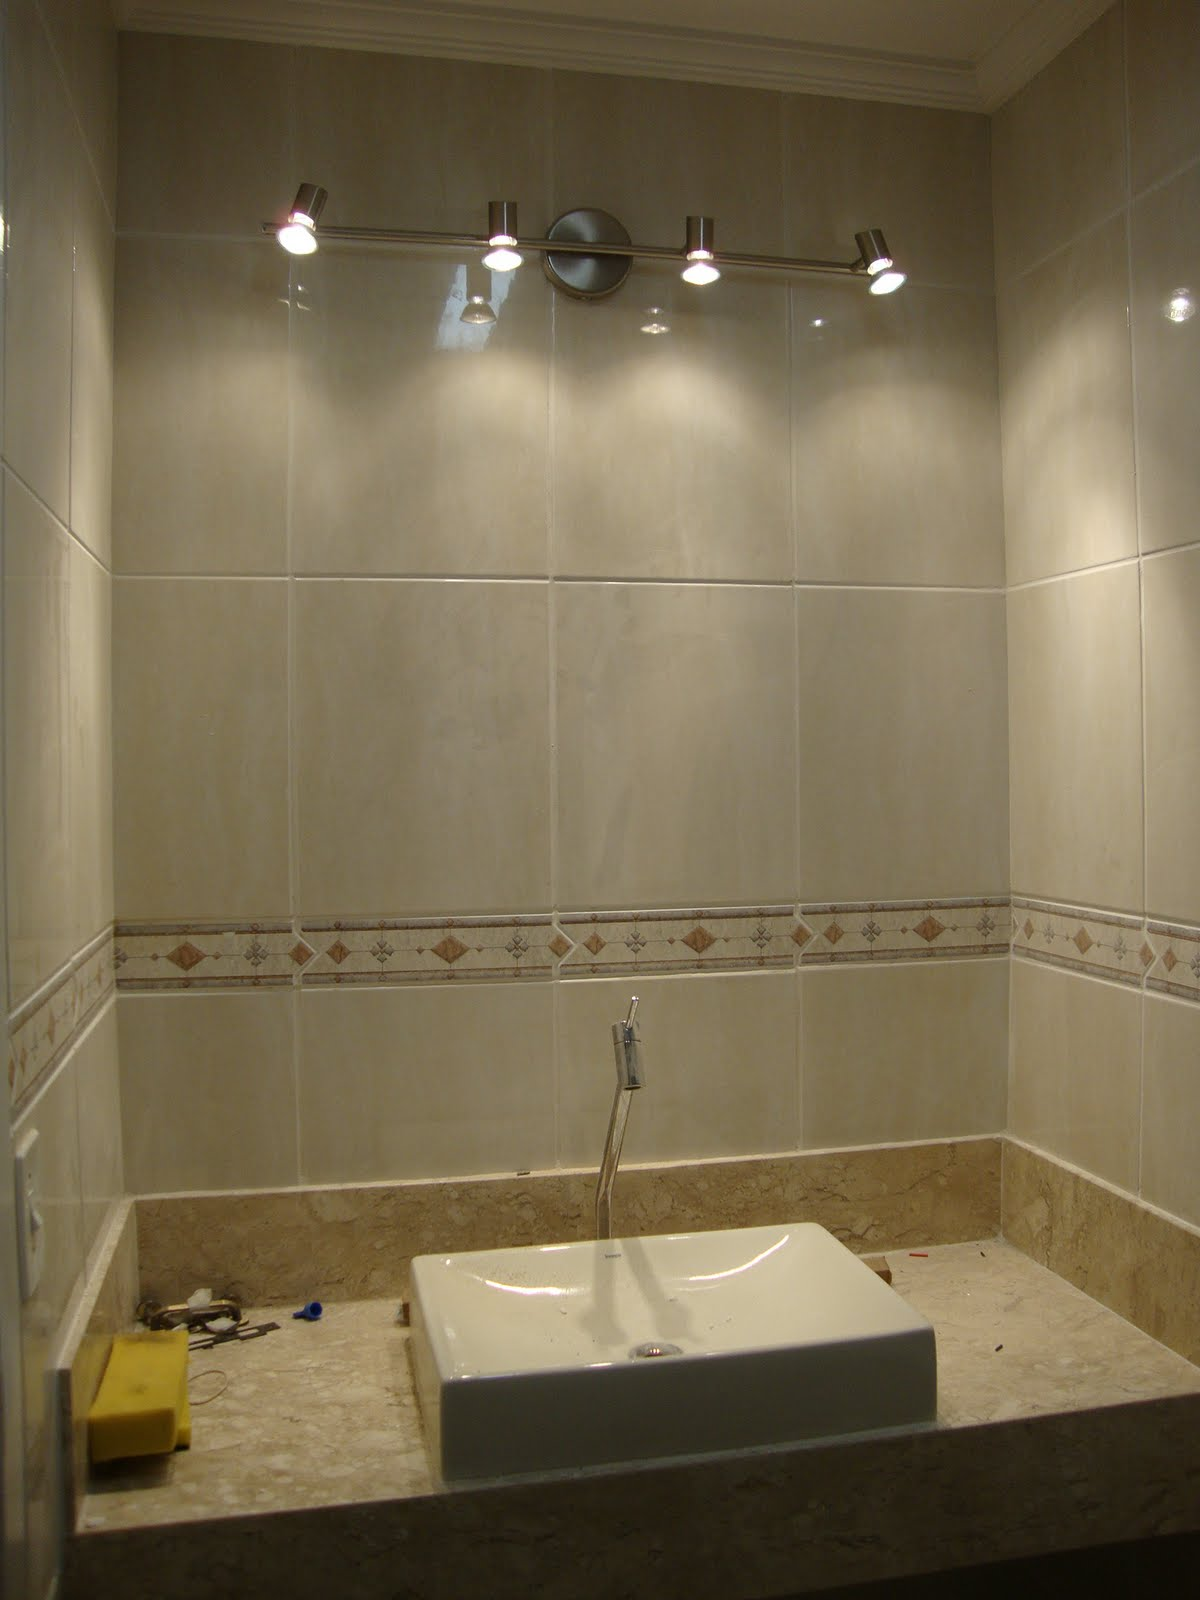 de banheiro leroy merlin:Ai embaixo é o paflon de embutir do banheiro  #876C44 1200 1600